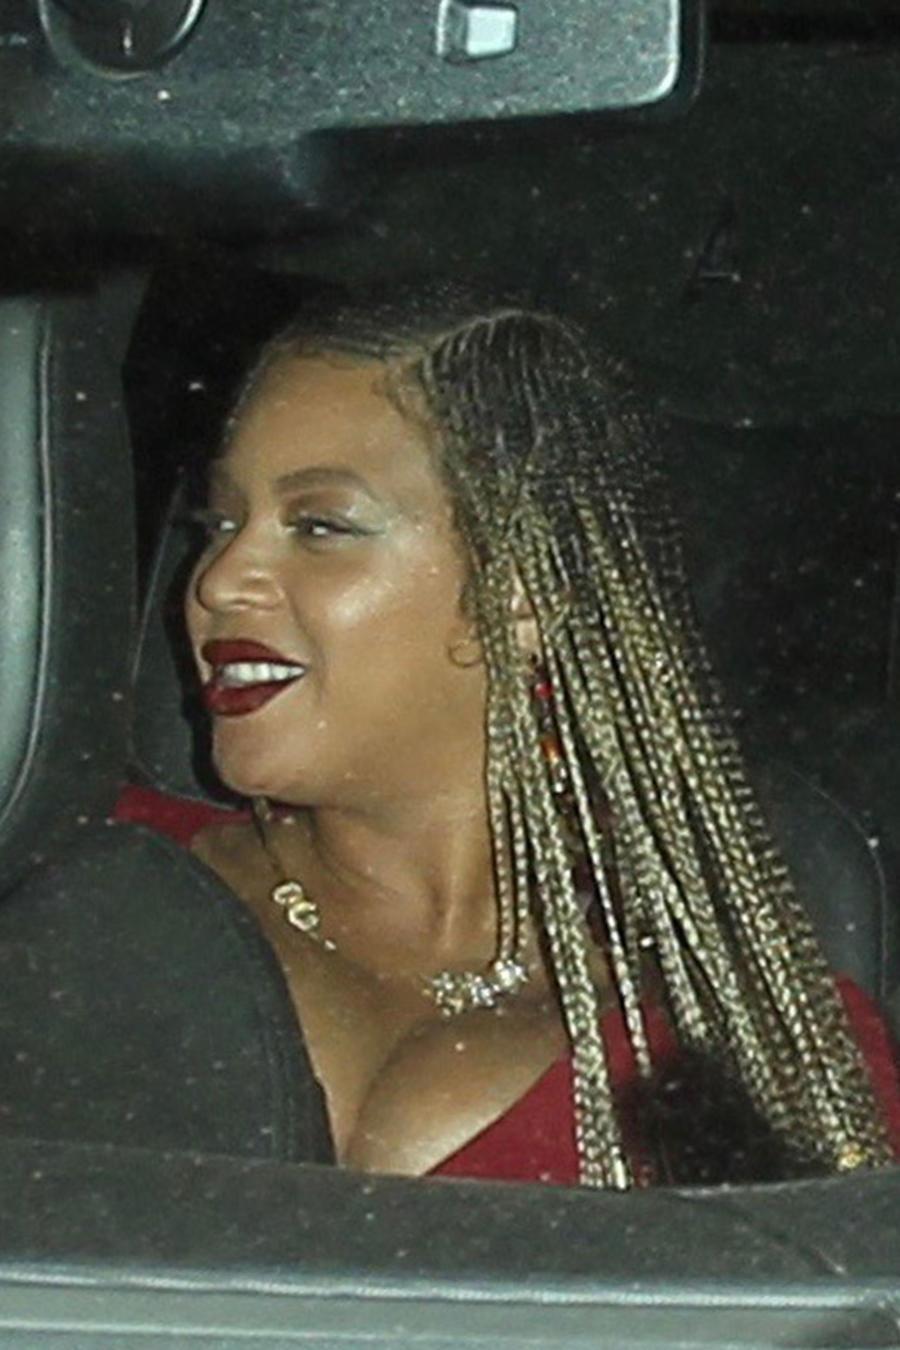 Beyoncé embarazada con cabello trenzado